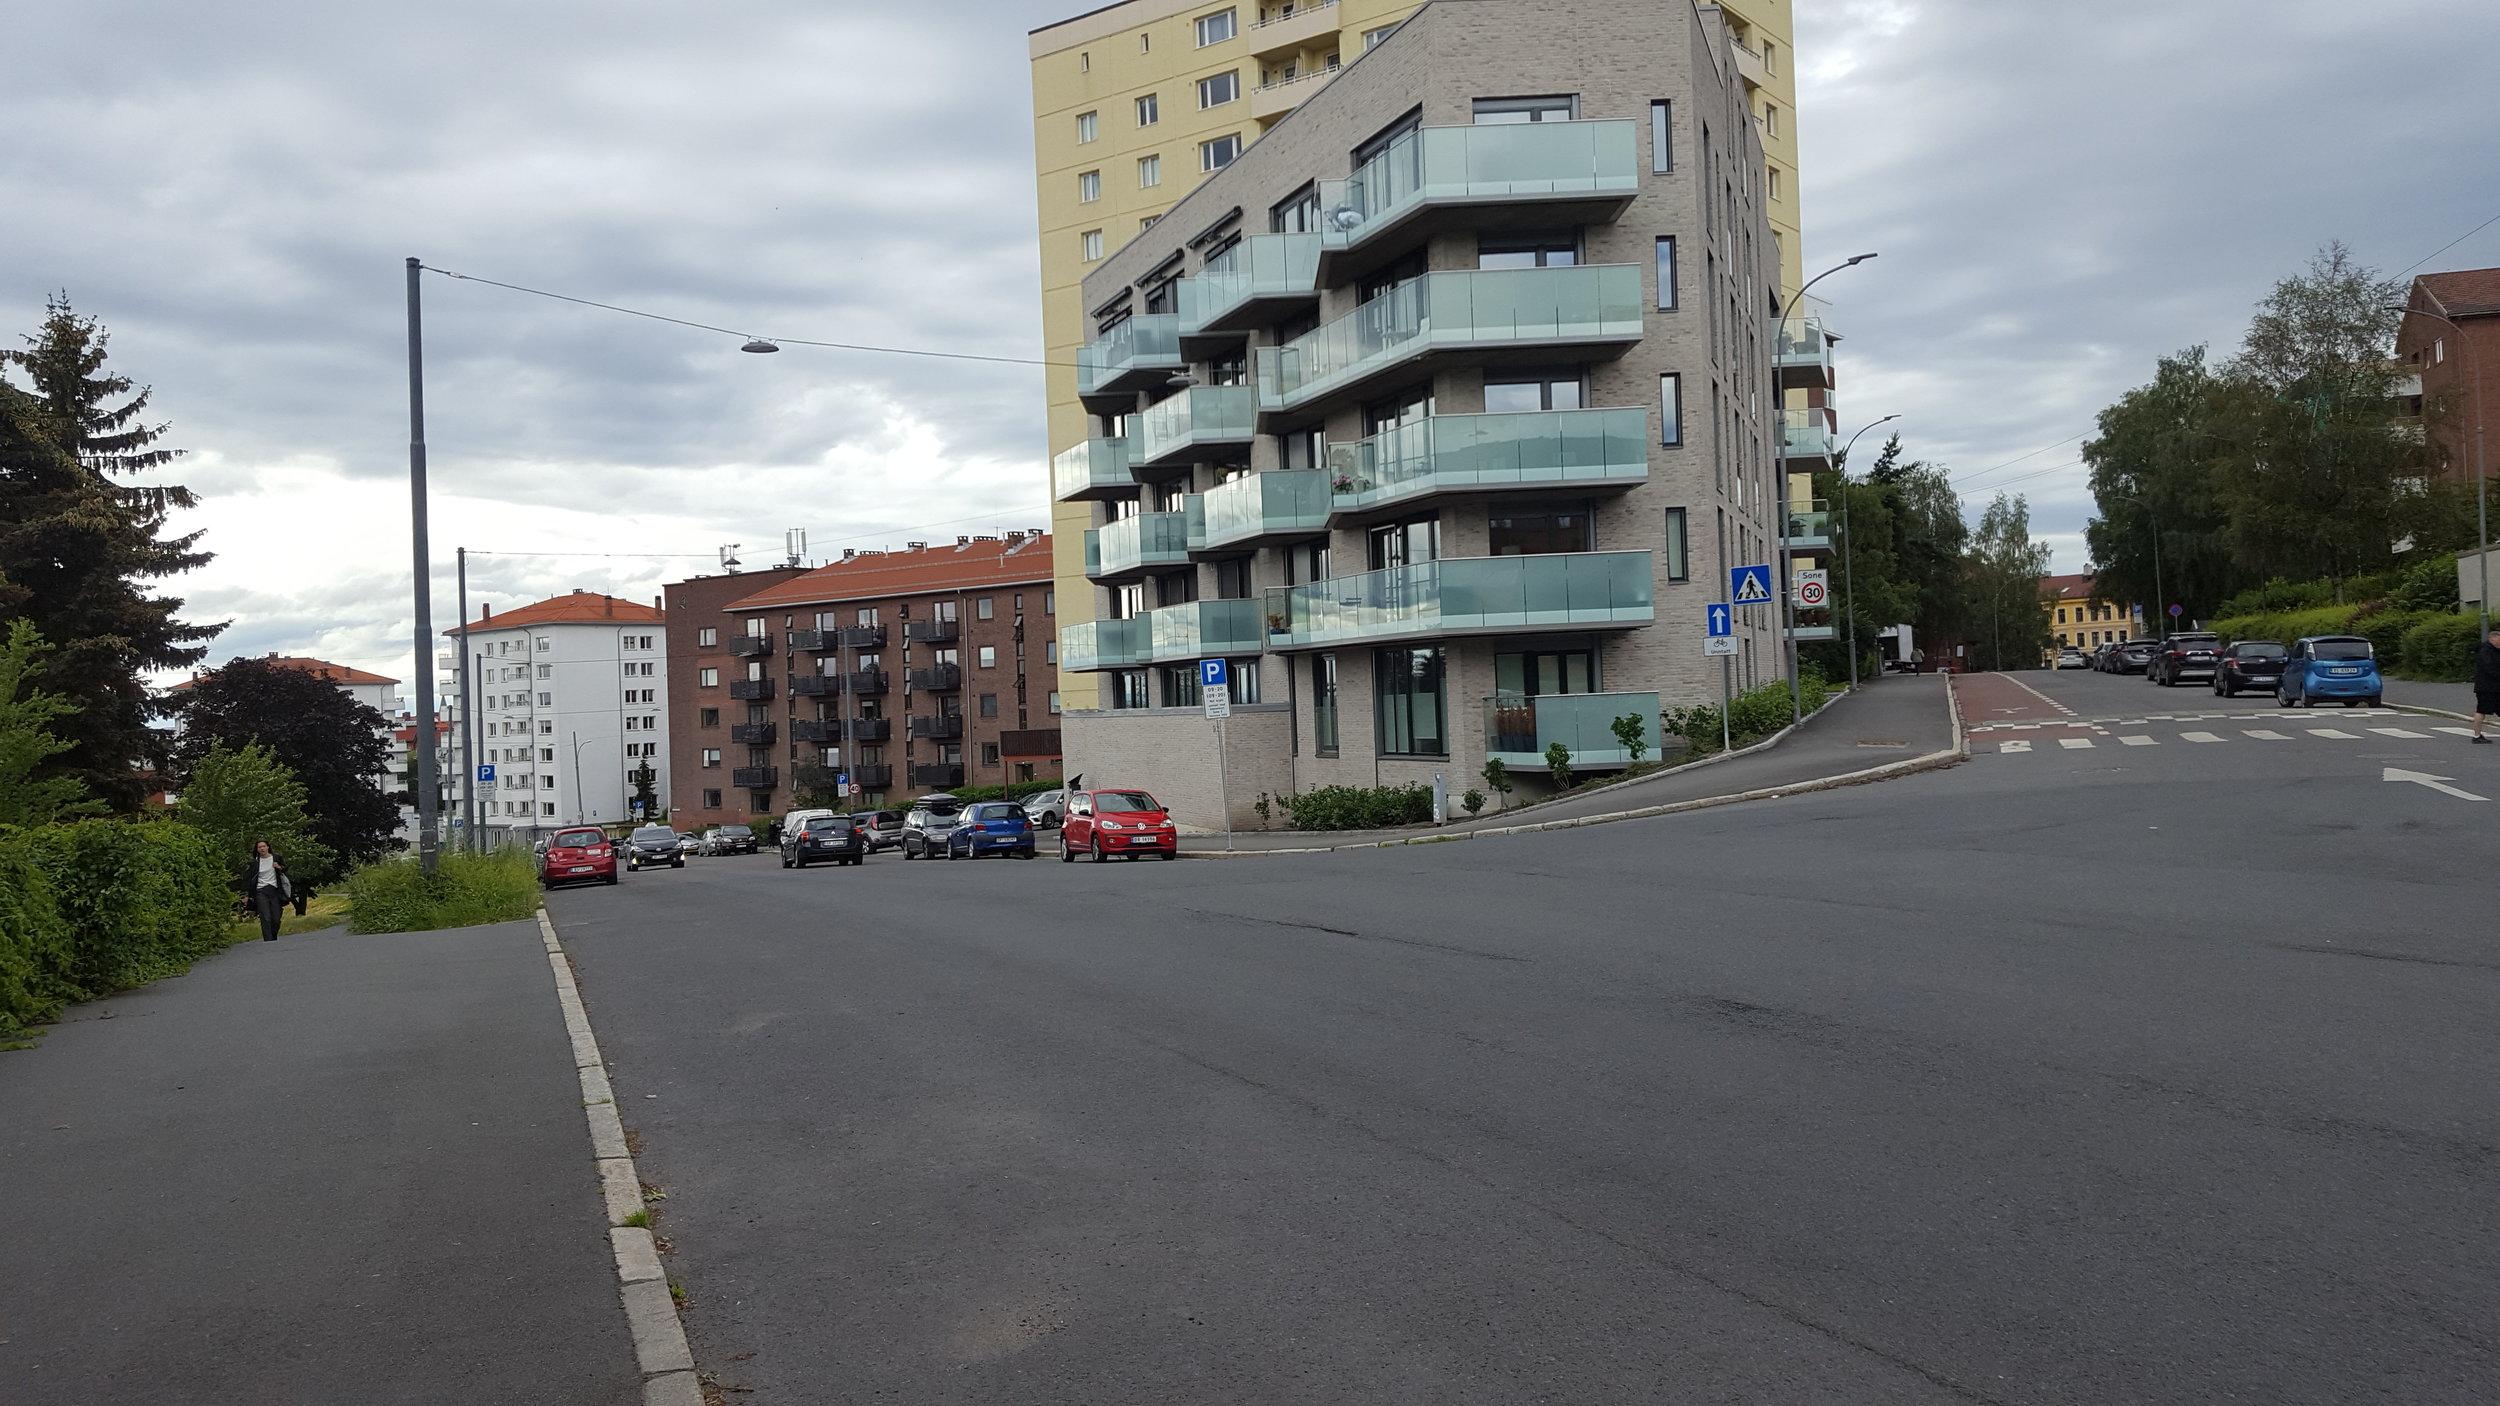 FOTO 5 Brochmannsgate til høyre.jpg